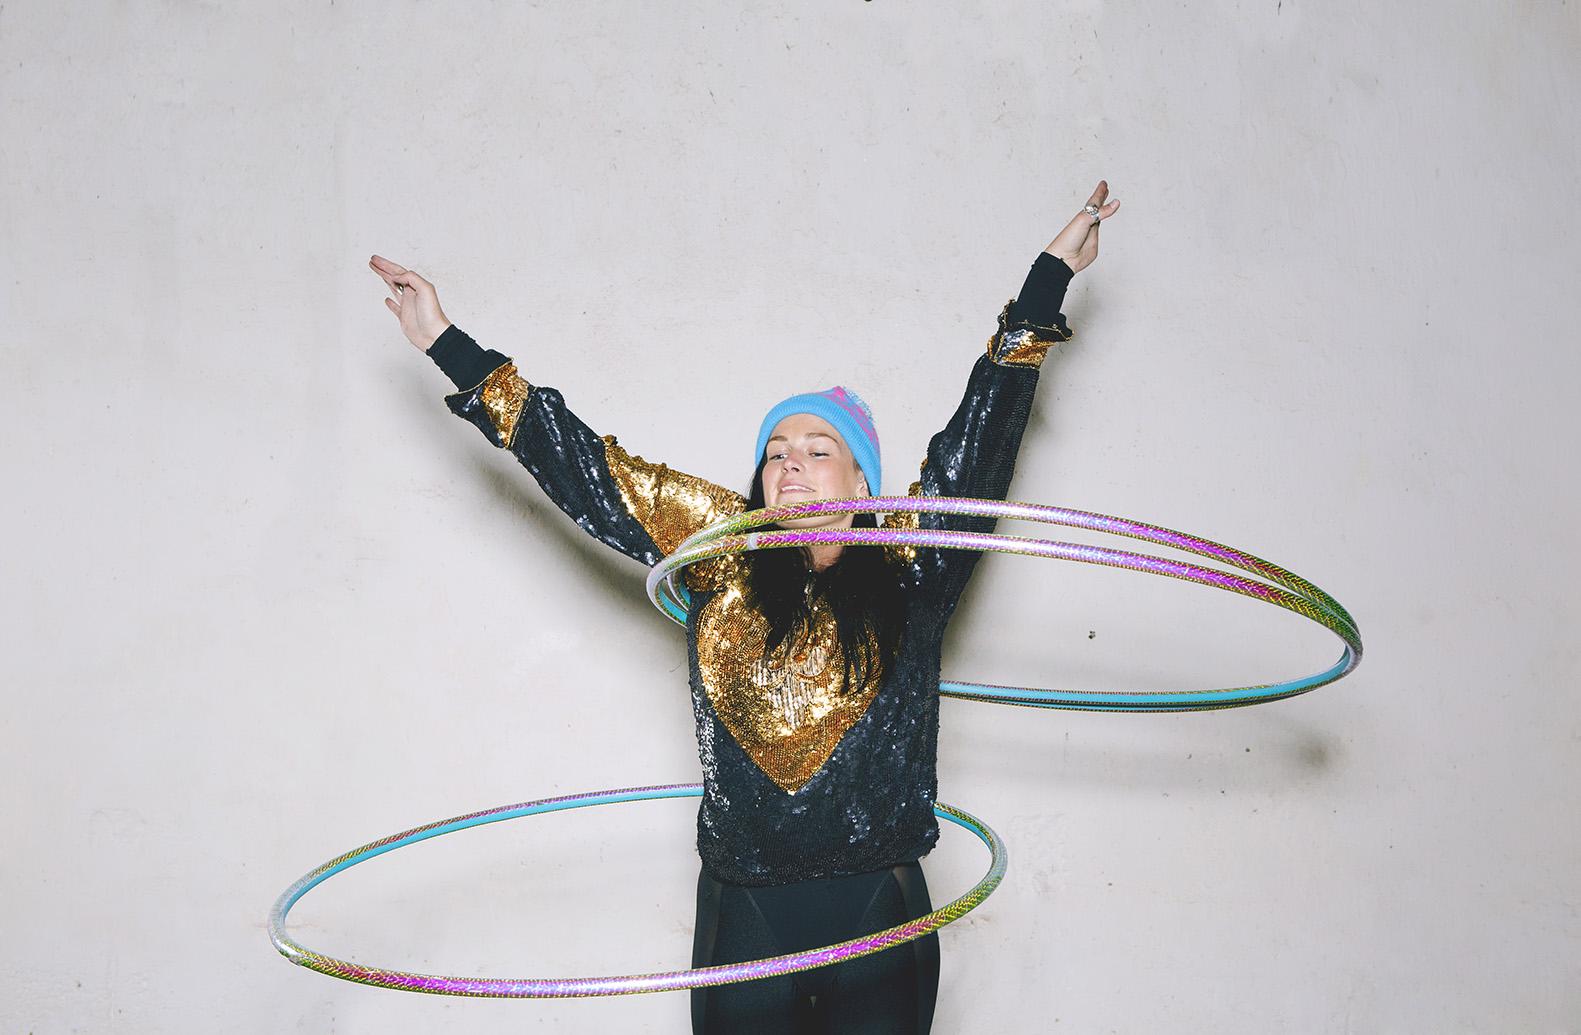 Hula hooping tori